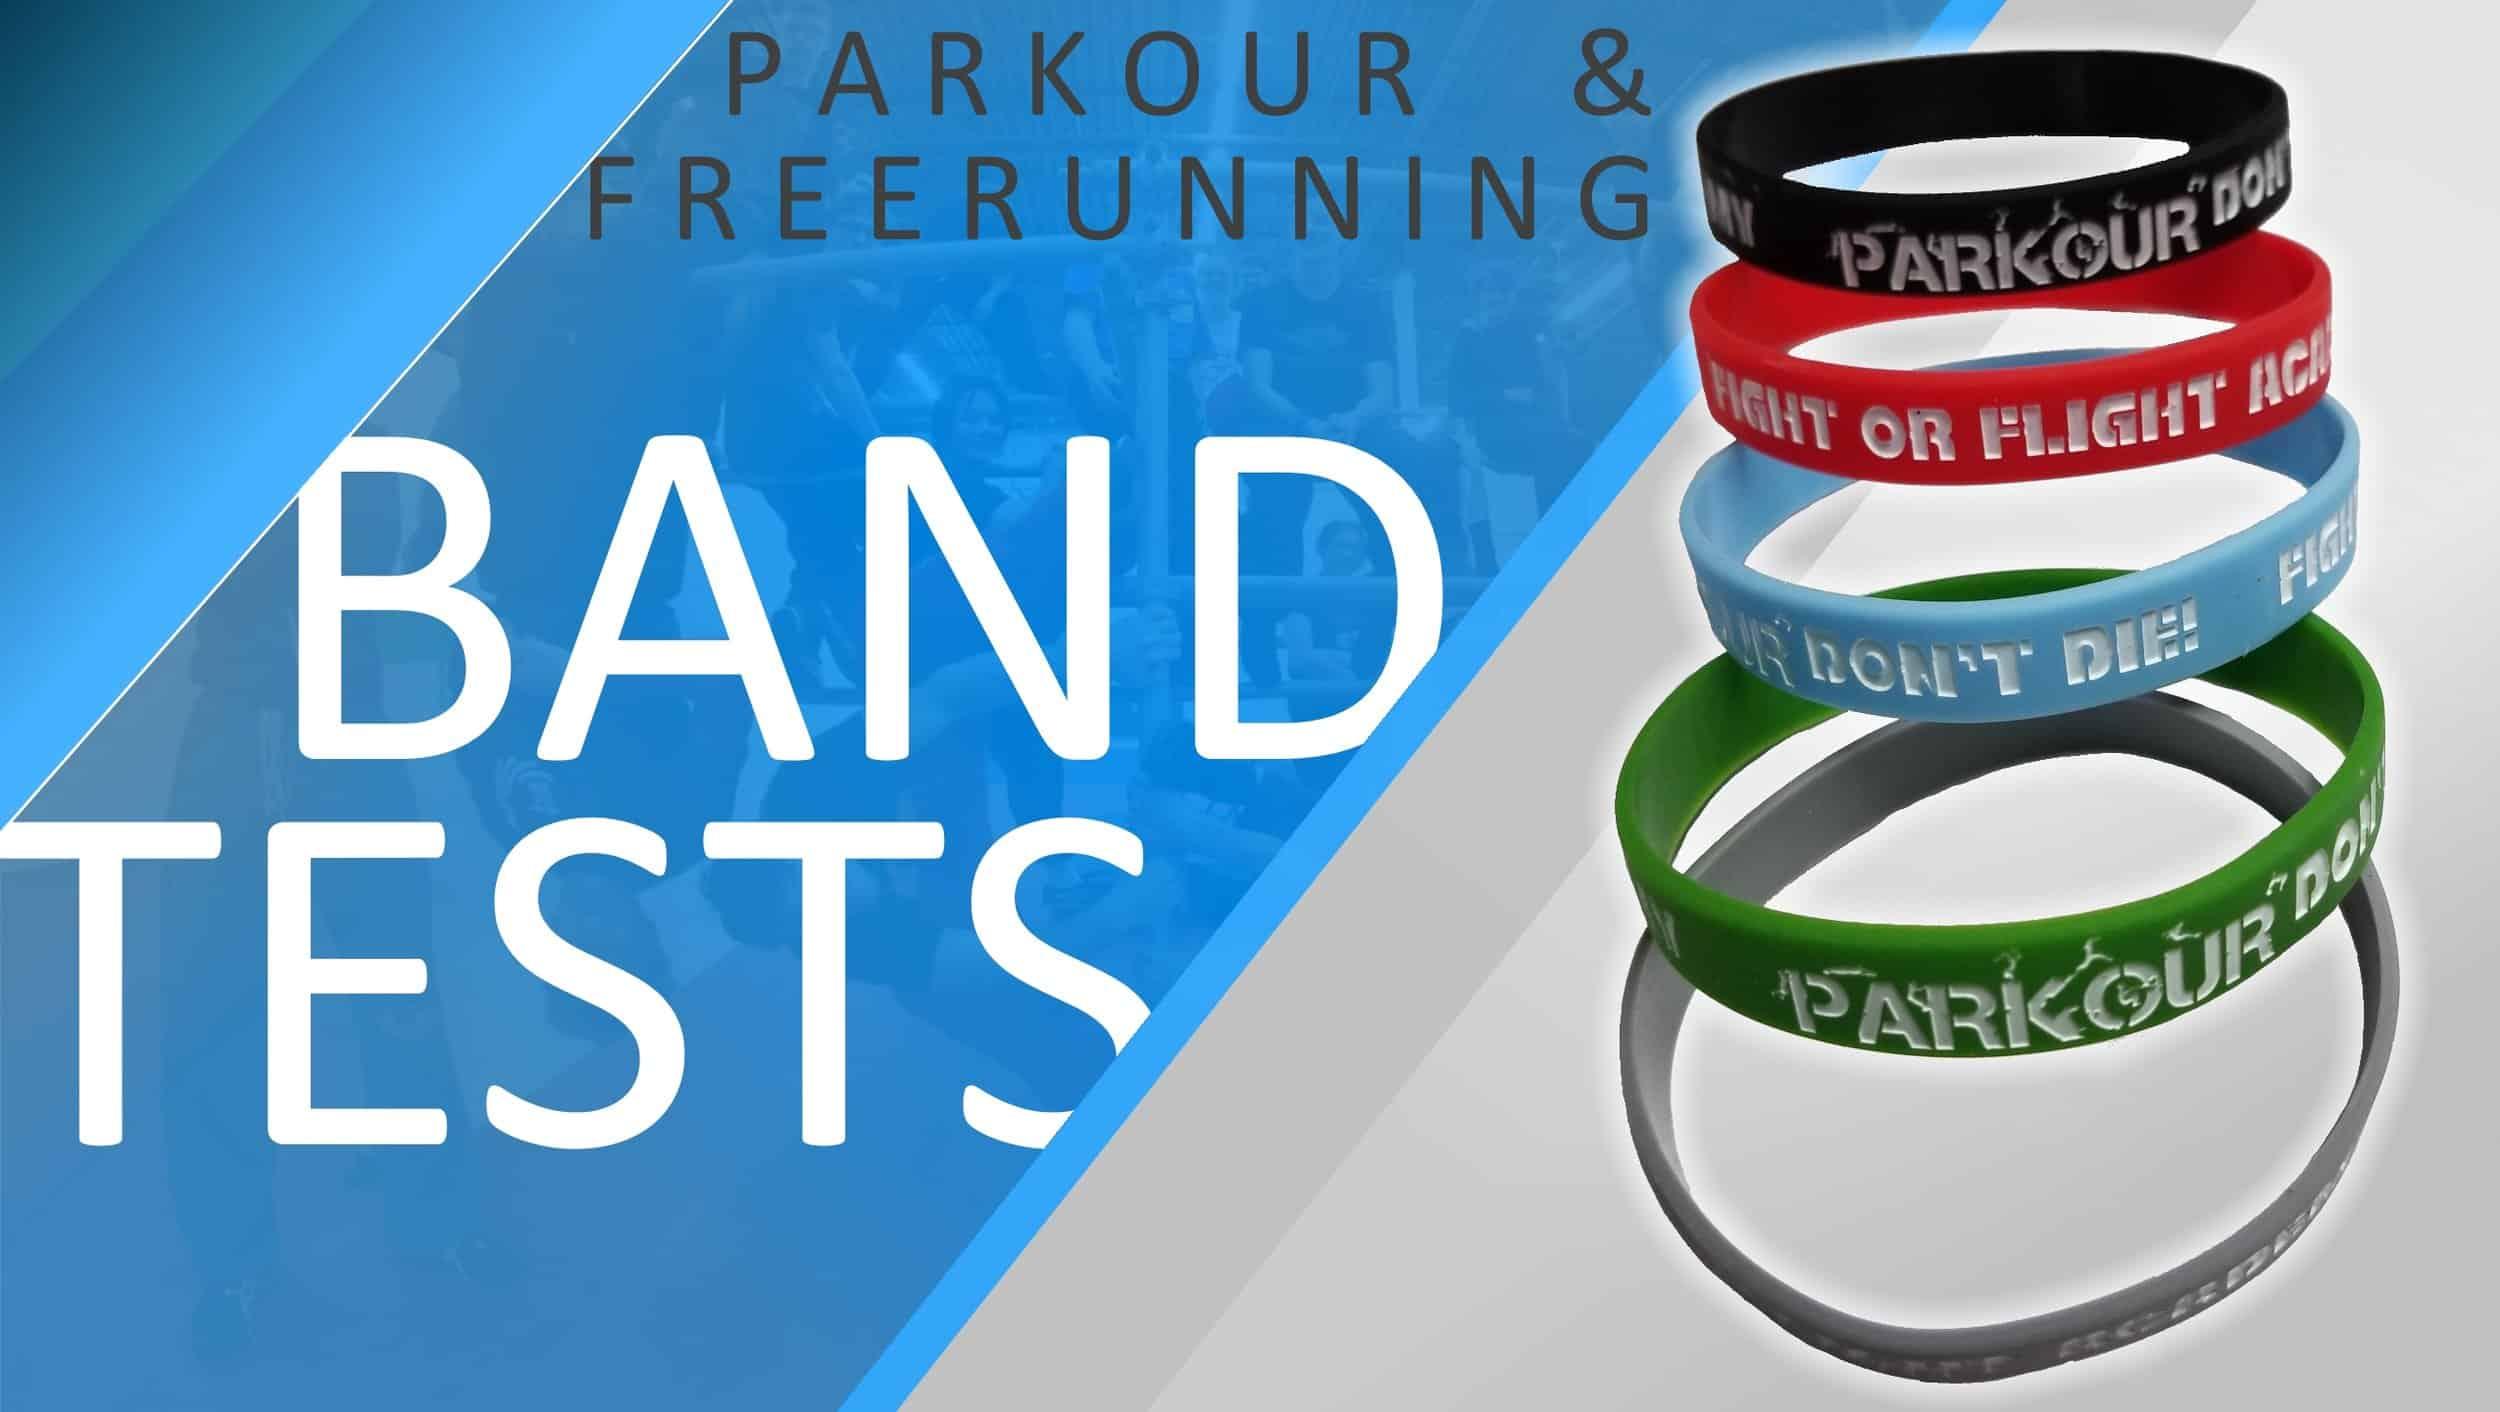 Parkour & Freerunning Band Testing